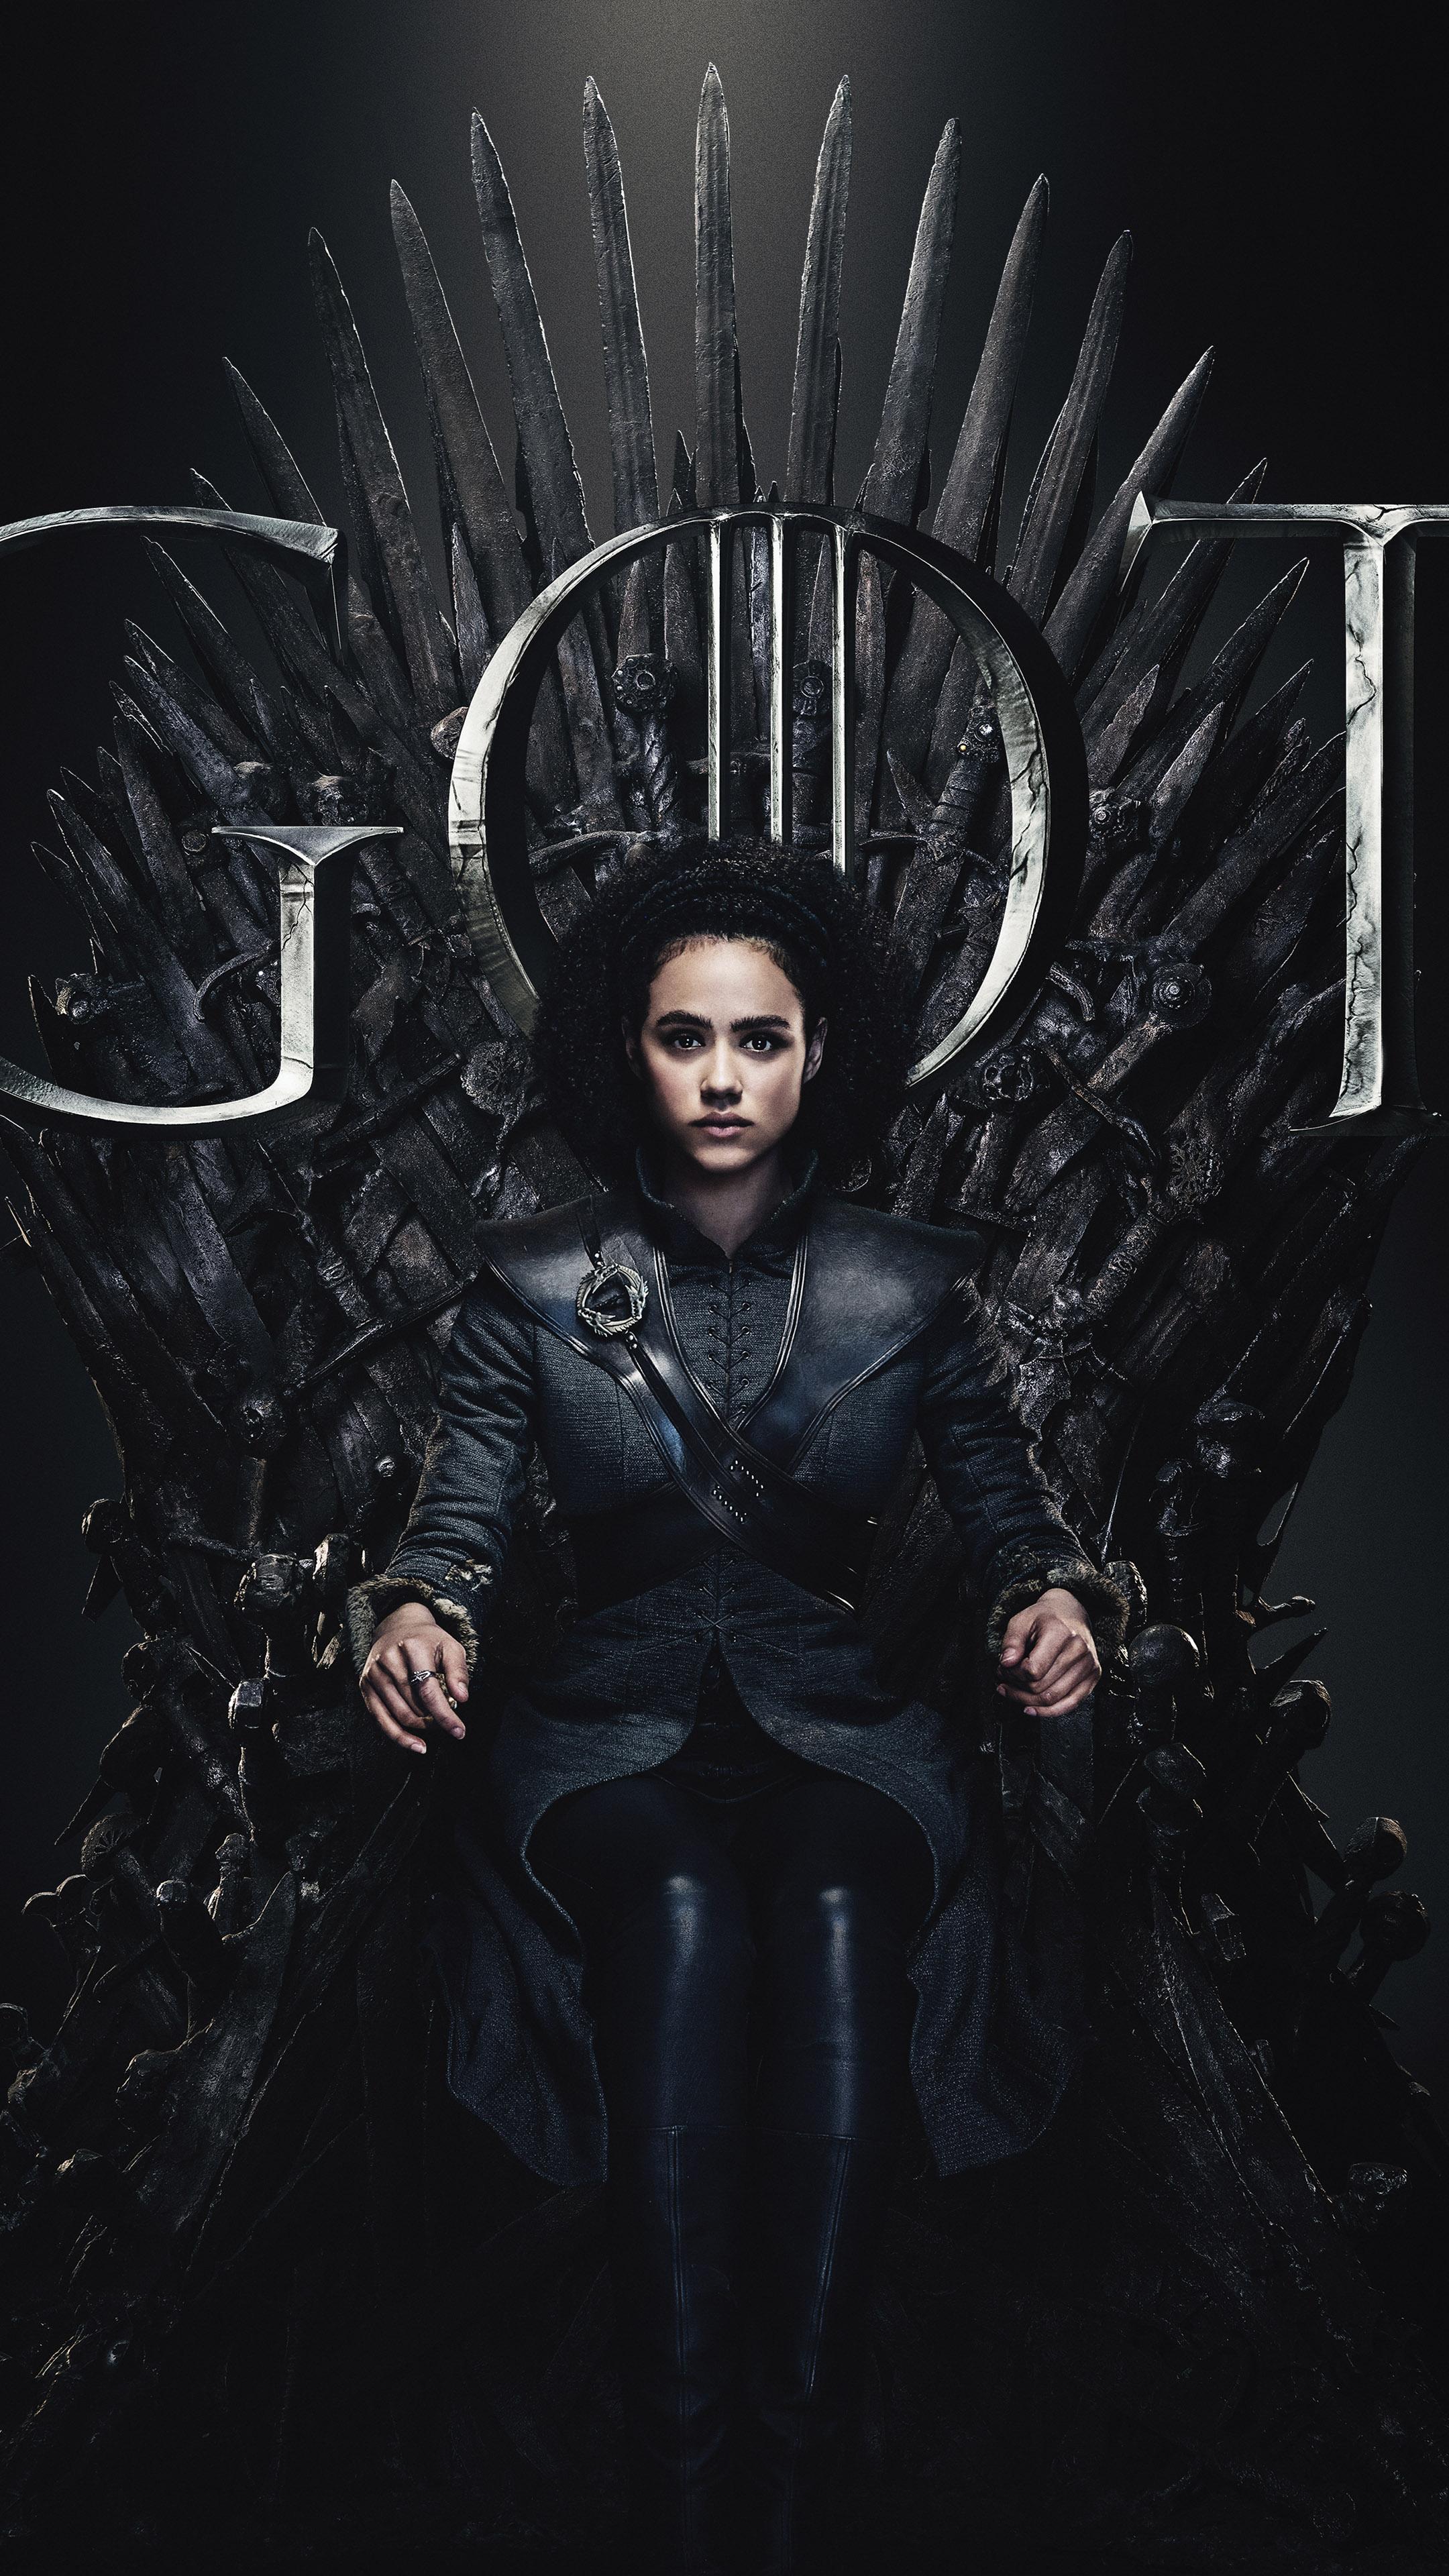 Game Of Thrones Vostfr Saison 8 Streaming : thrones, vostfr, saison, streaming, Games, Thrones, Saison, Francais, Sortie, Muharram